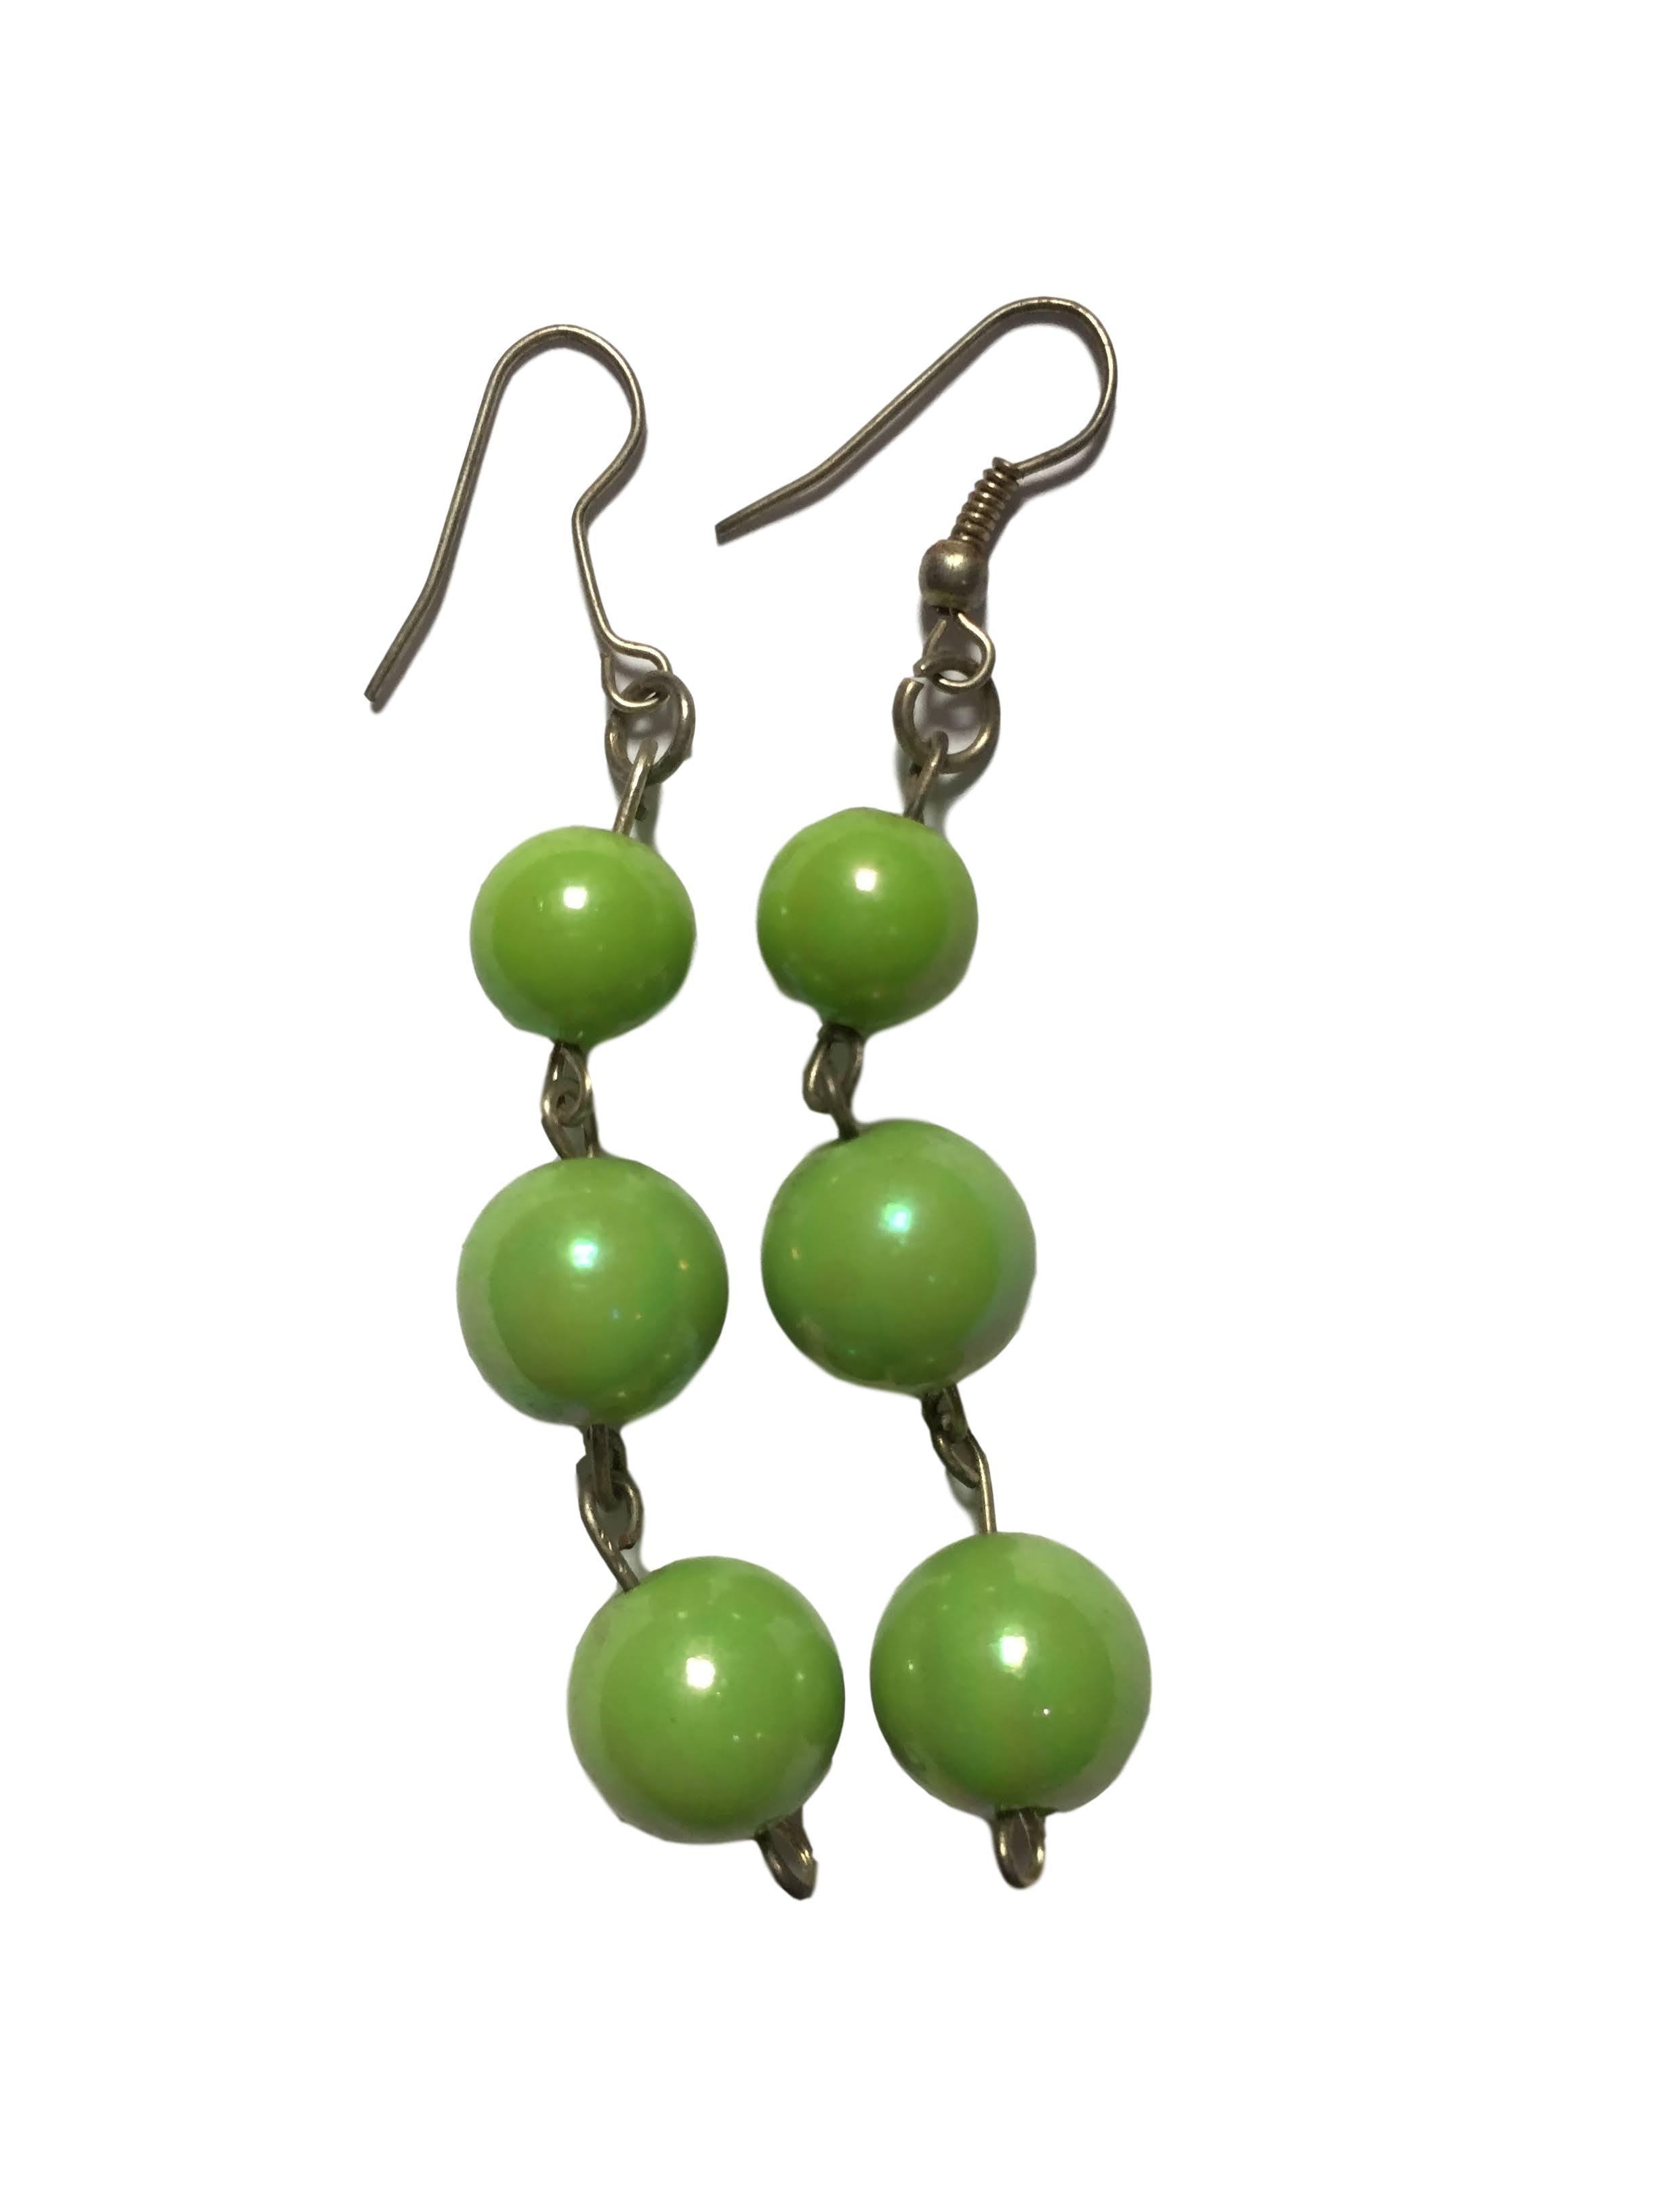 Aretes colgantes con esferas verdes. Largo 6cm